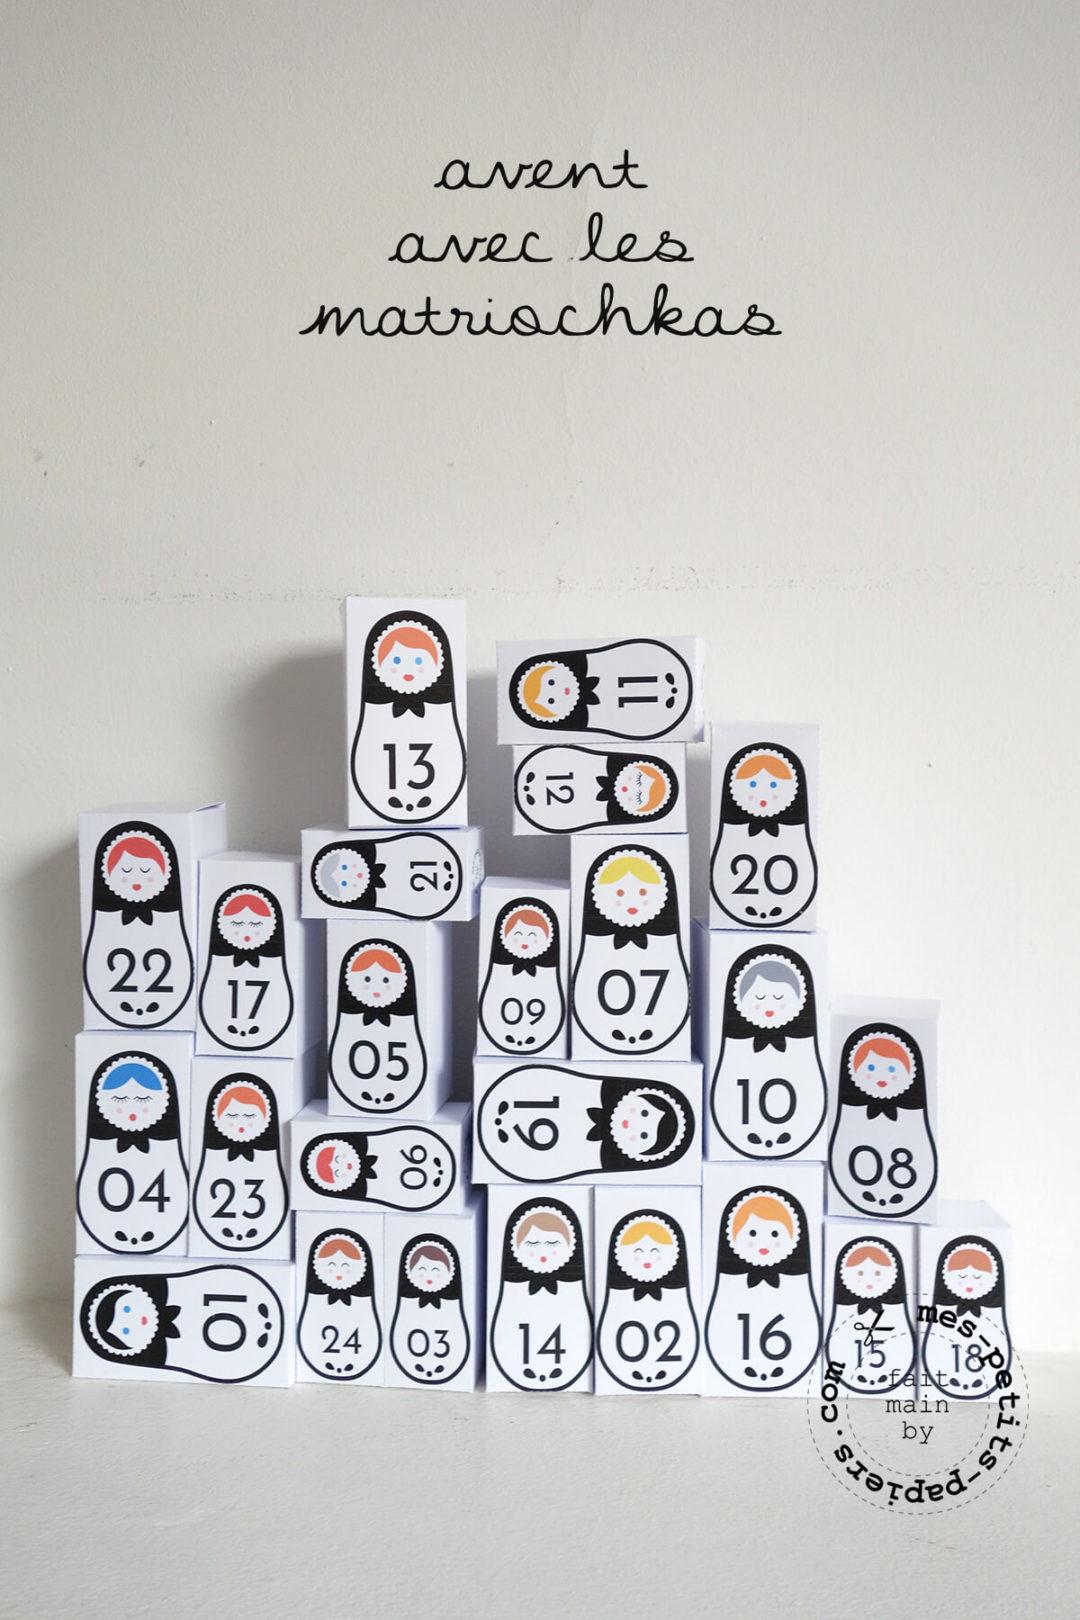 calendrier de l'avent - matriochkas 1